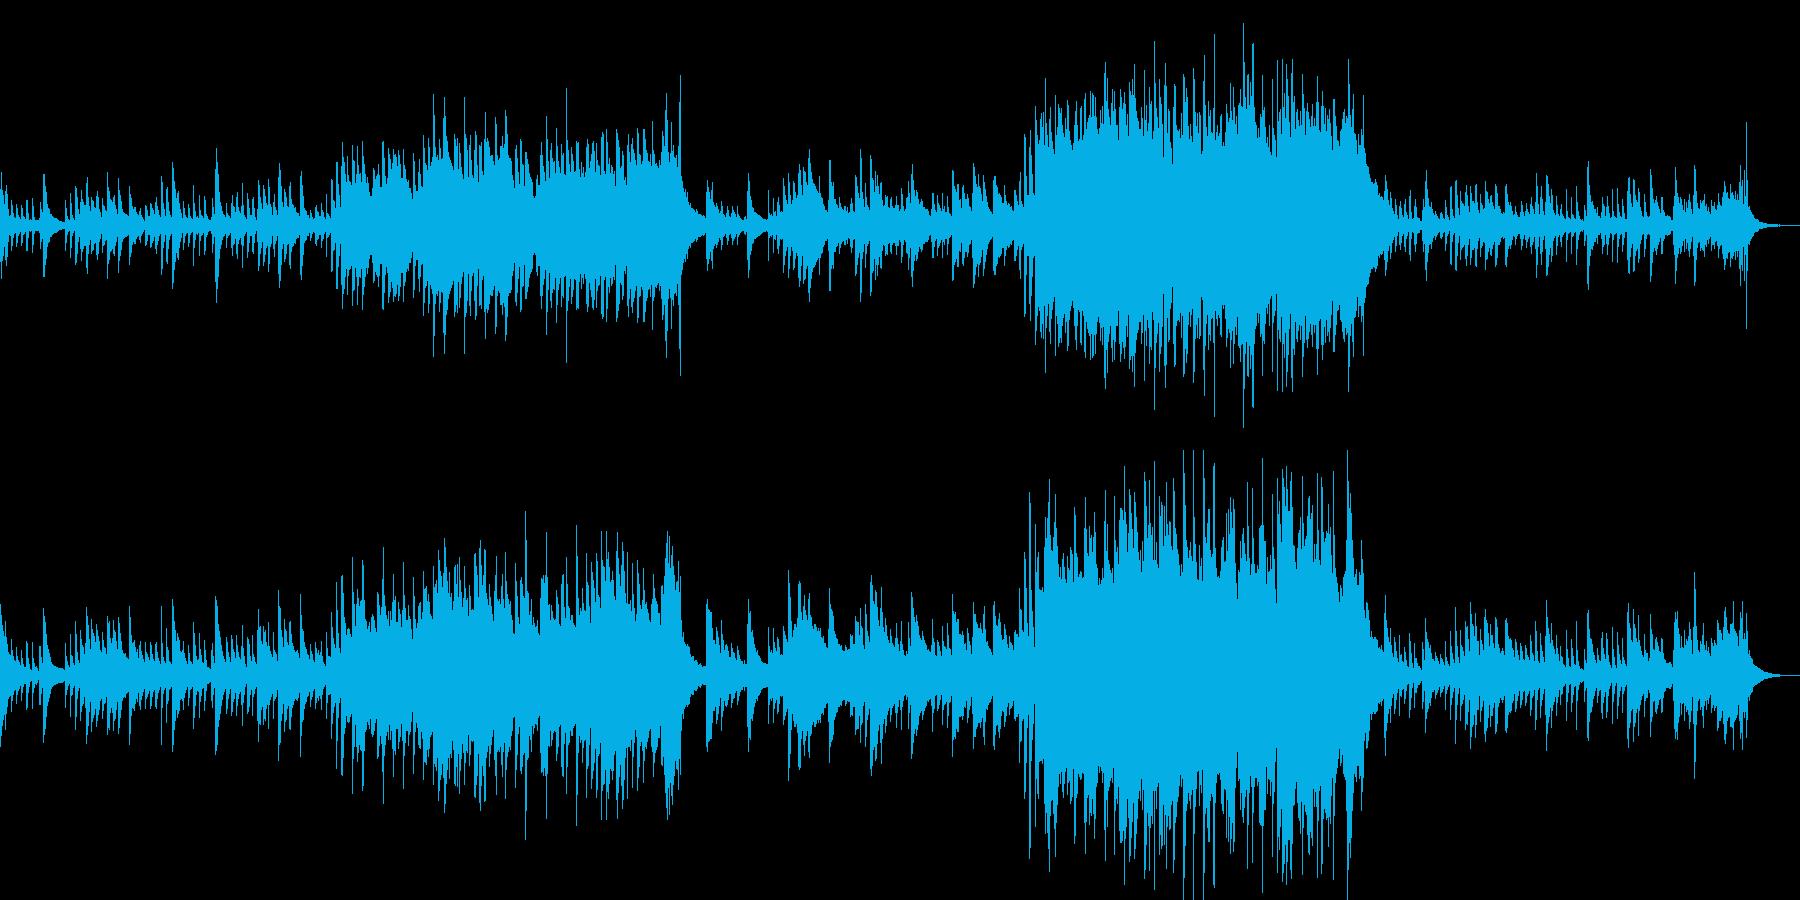 悲しい雰囲気のピアノソロ曲の再生済みの波形